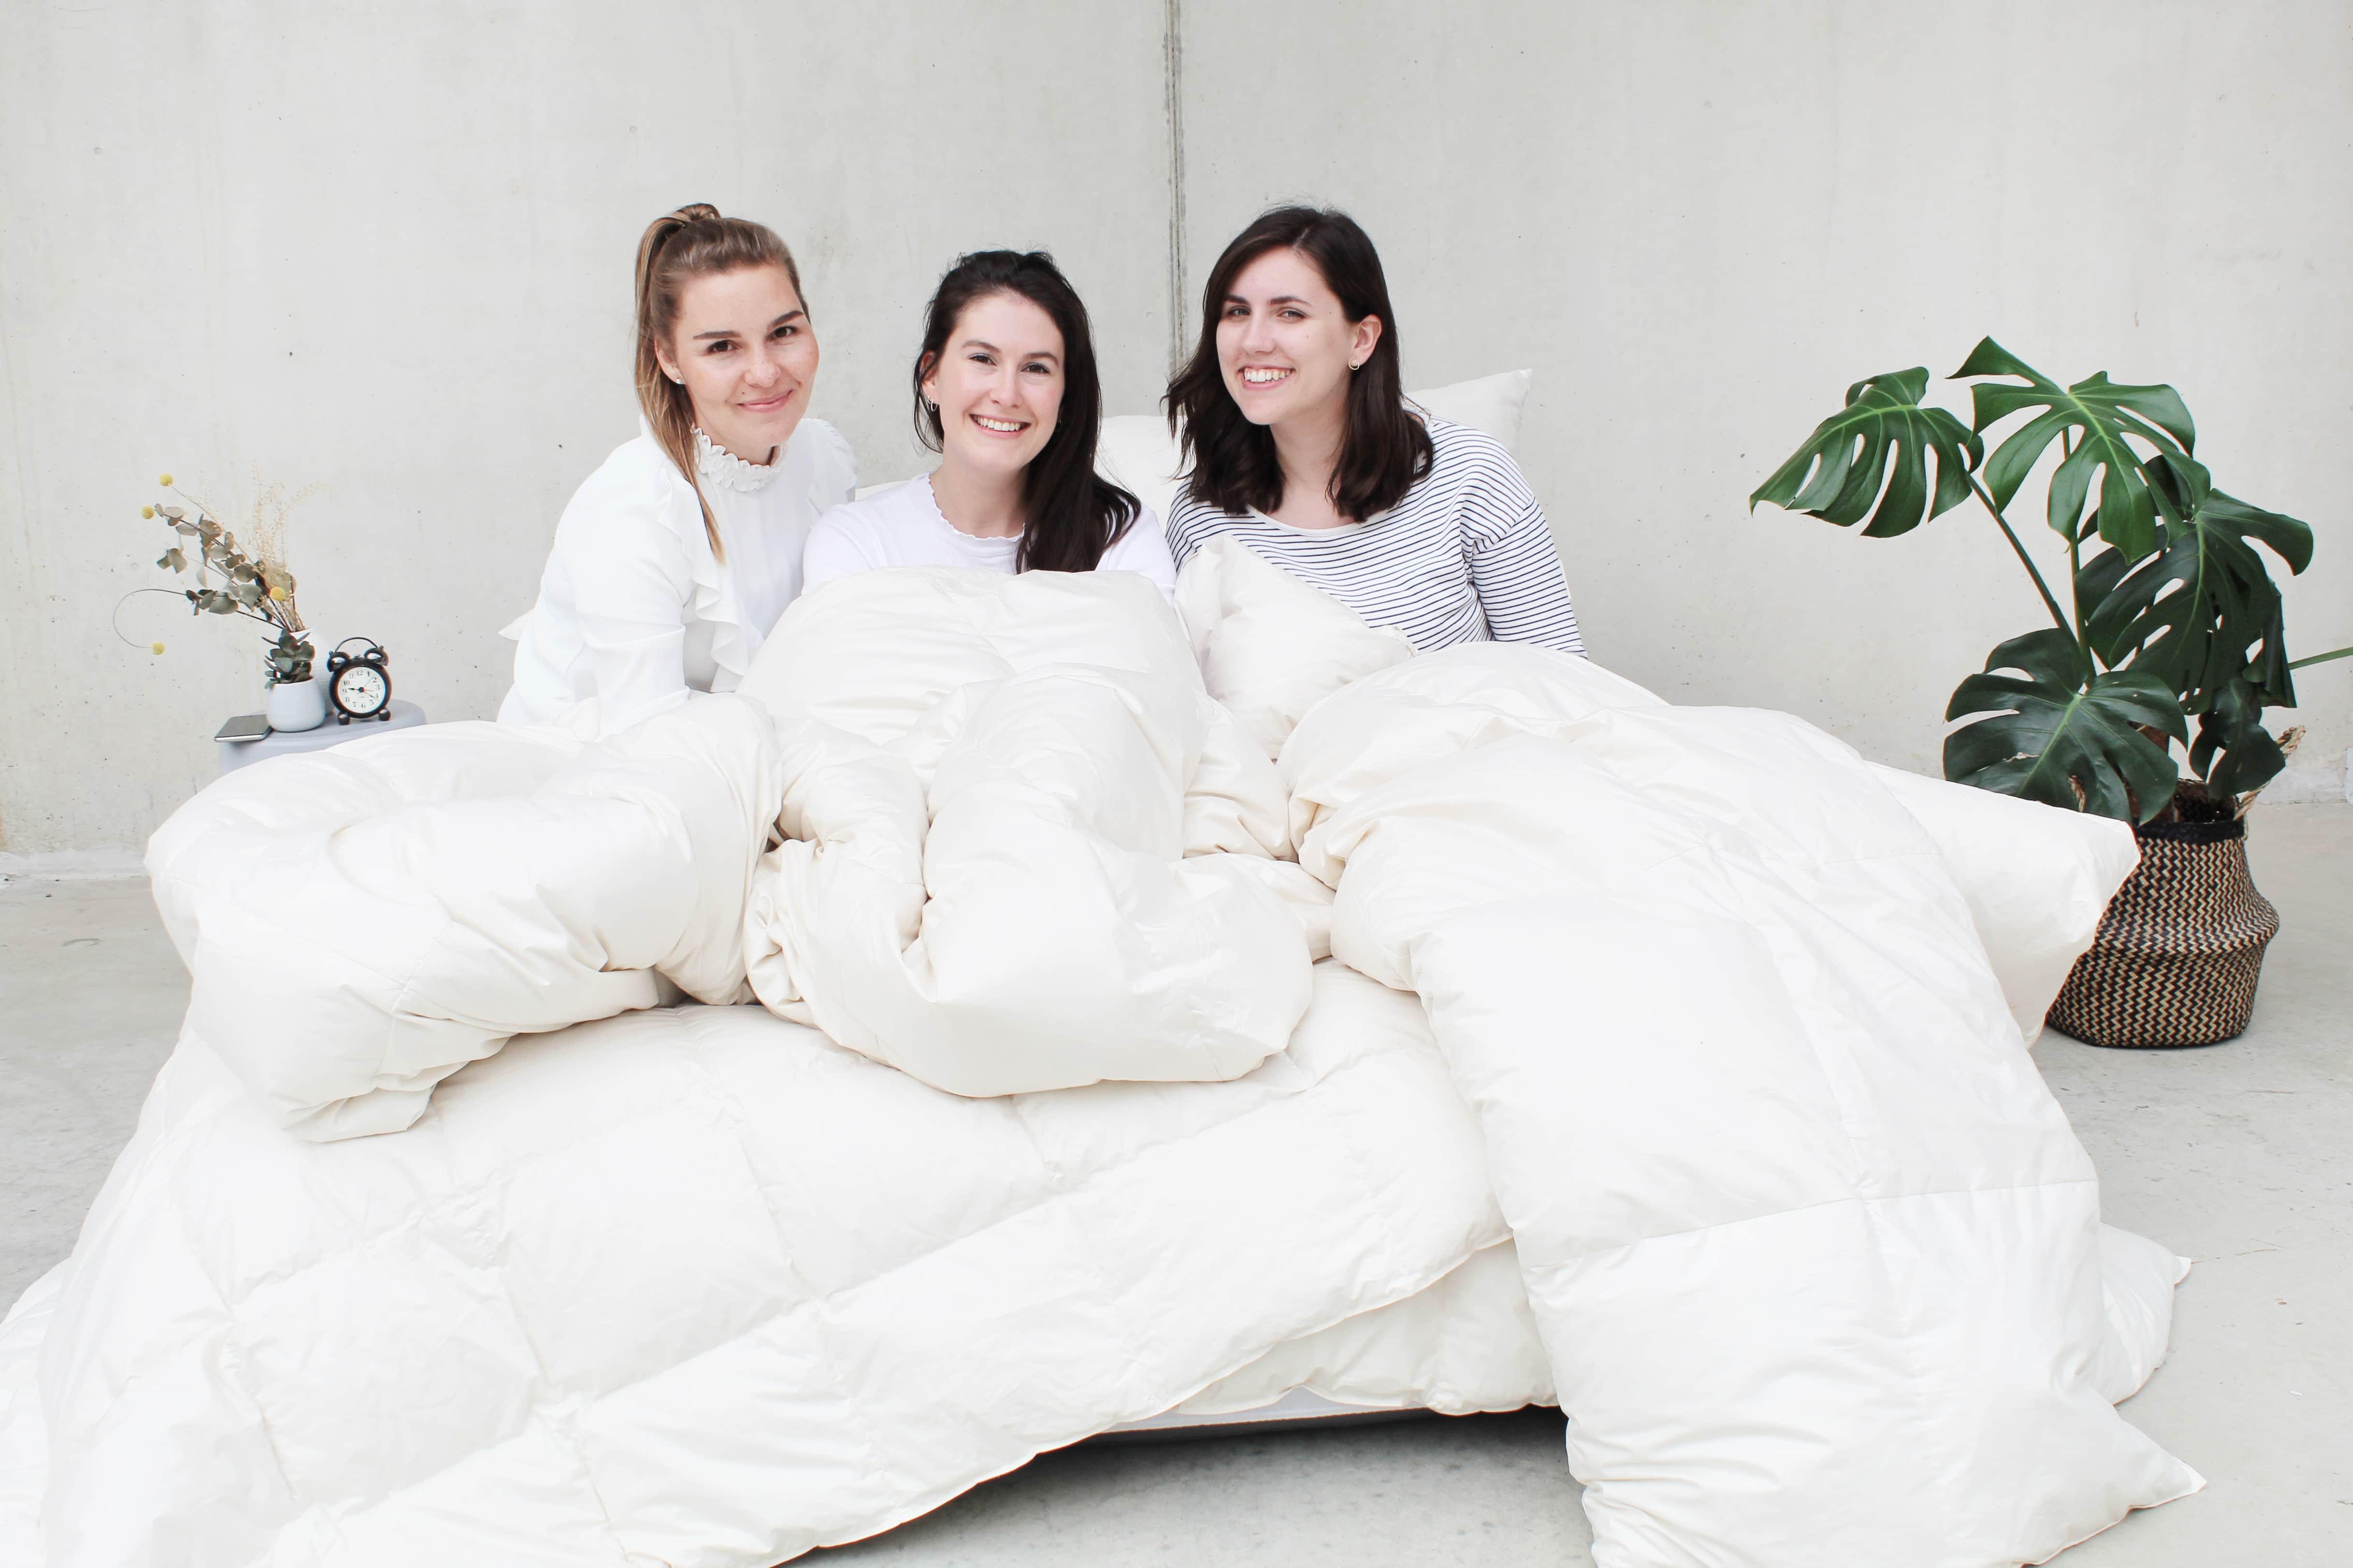 Foto vom Team Hannover auf einem Bett